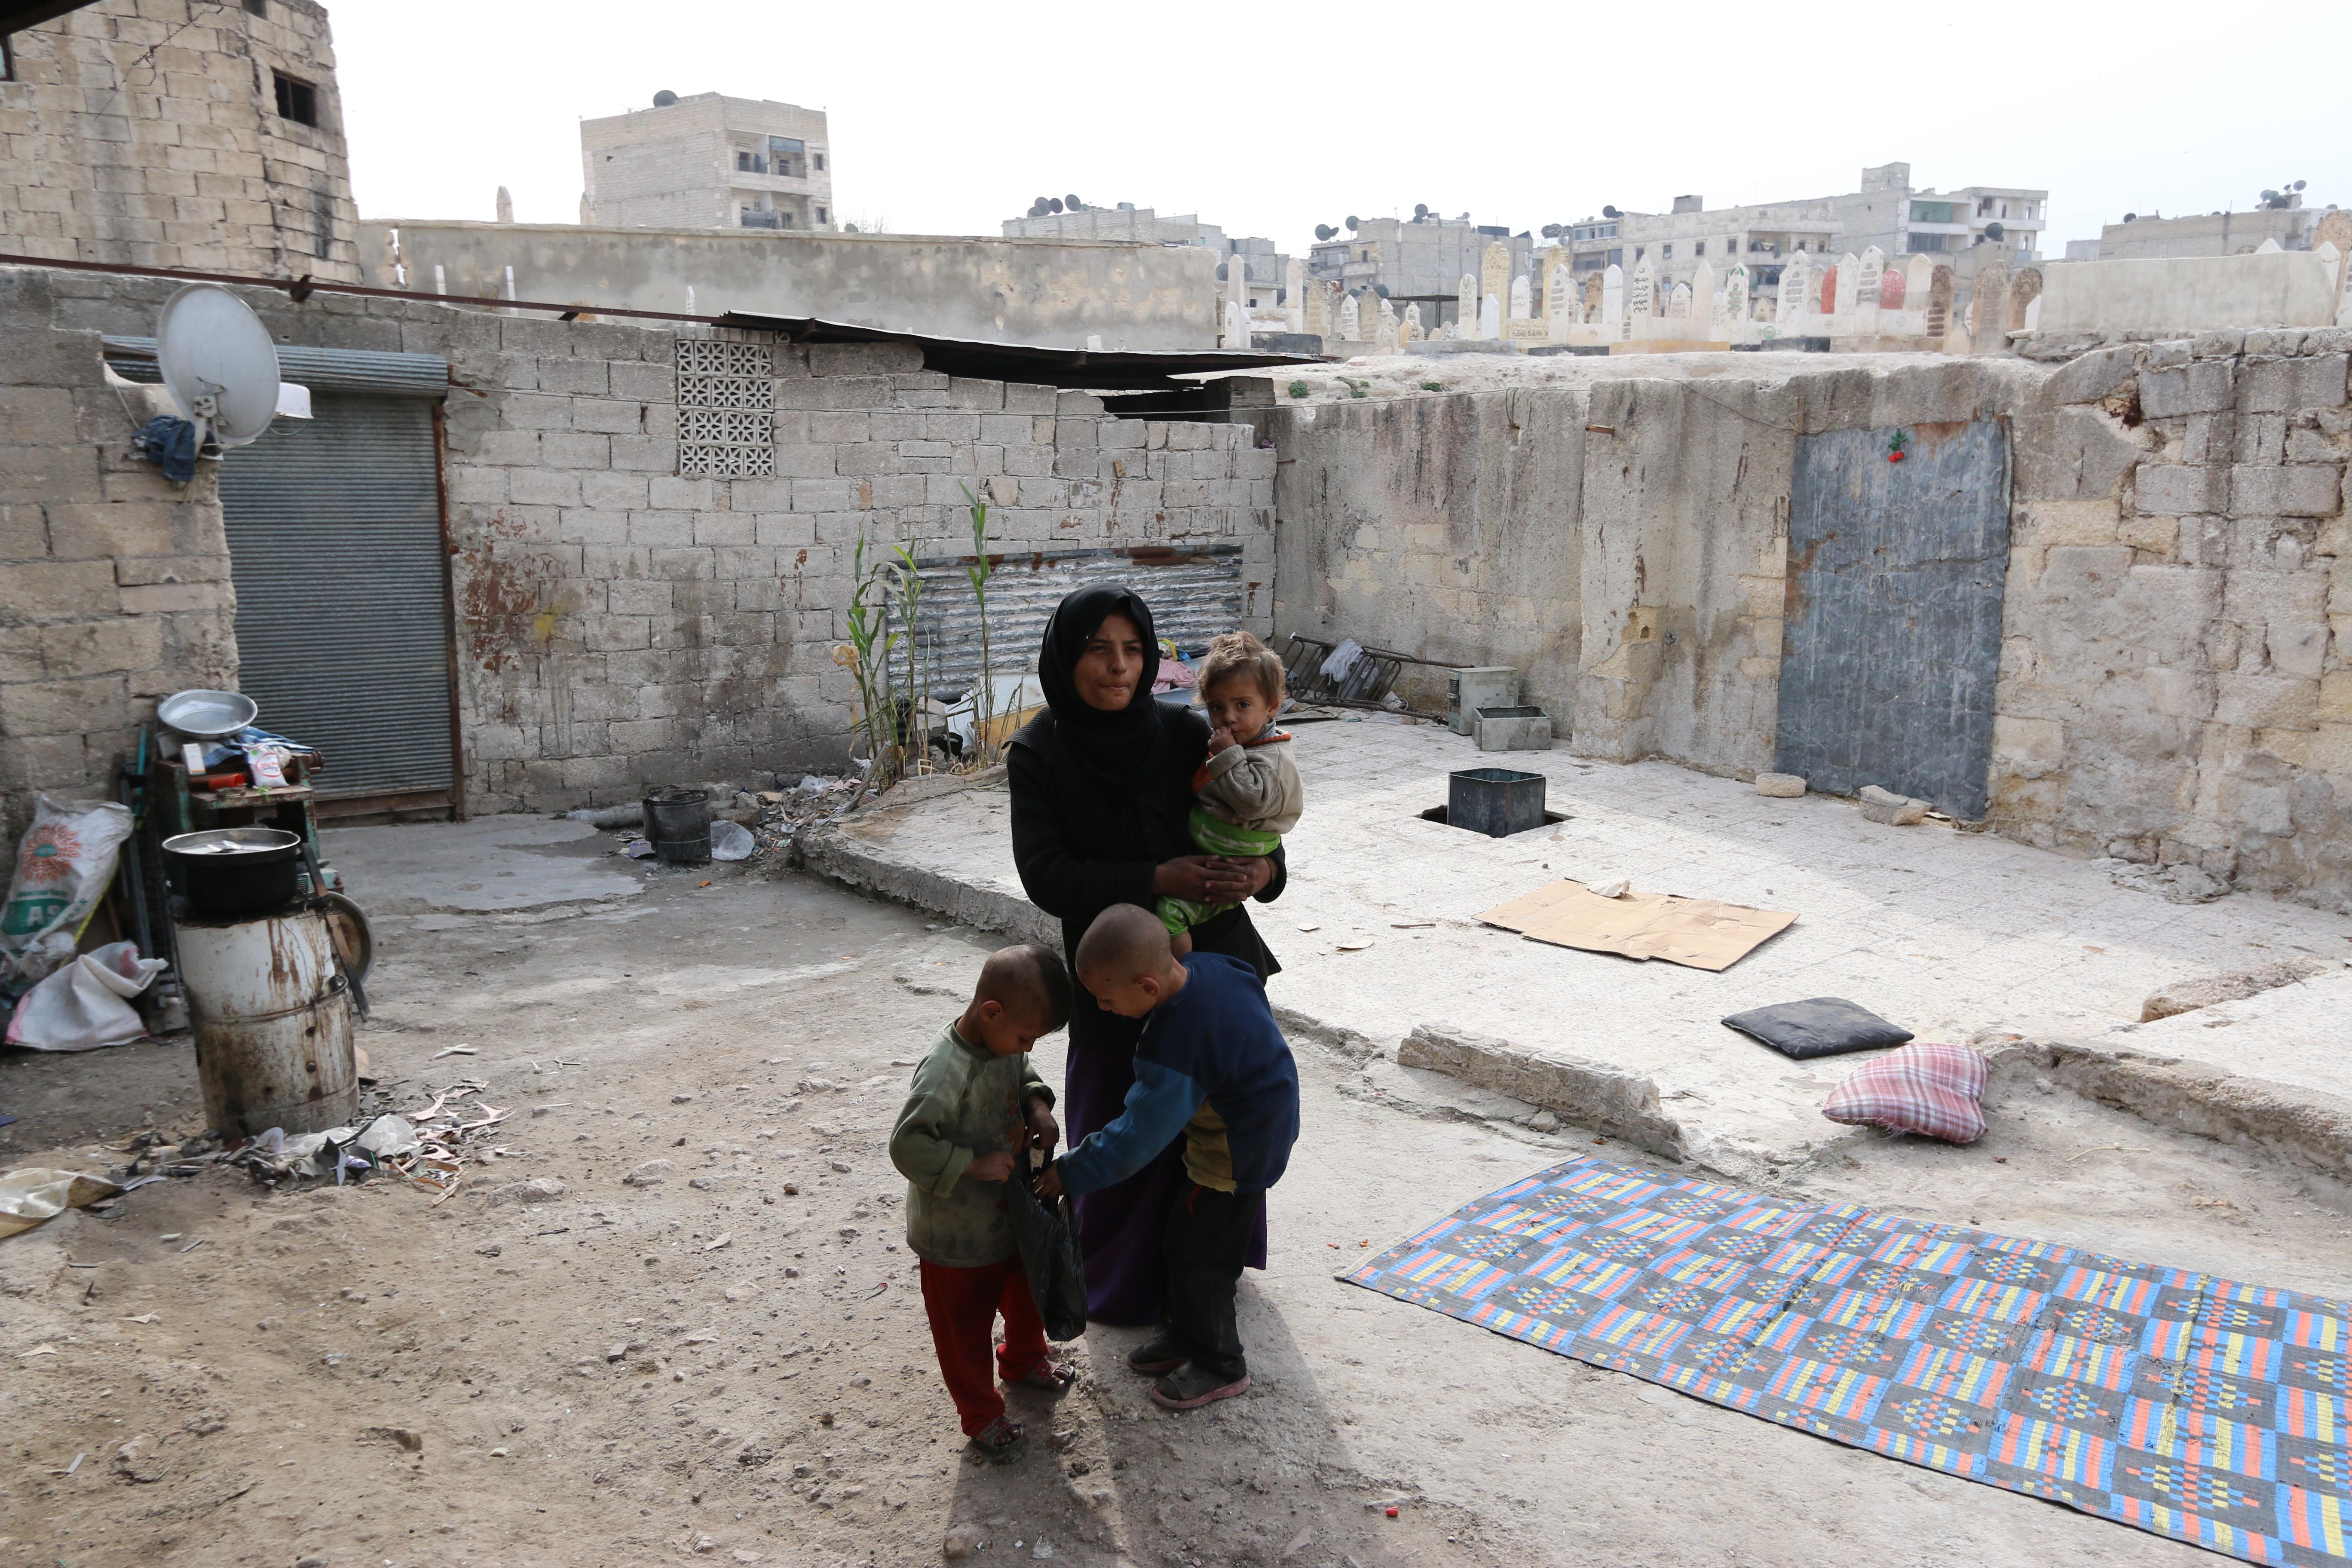 أمرأة-تعيش-مع-أطفالها-في-كهف-في-حي-المعادي-بحلب-